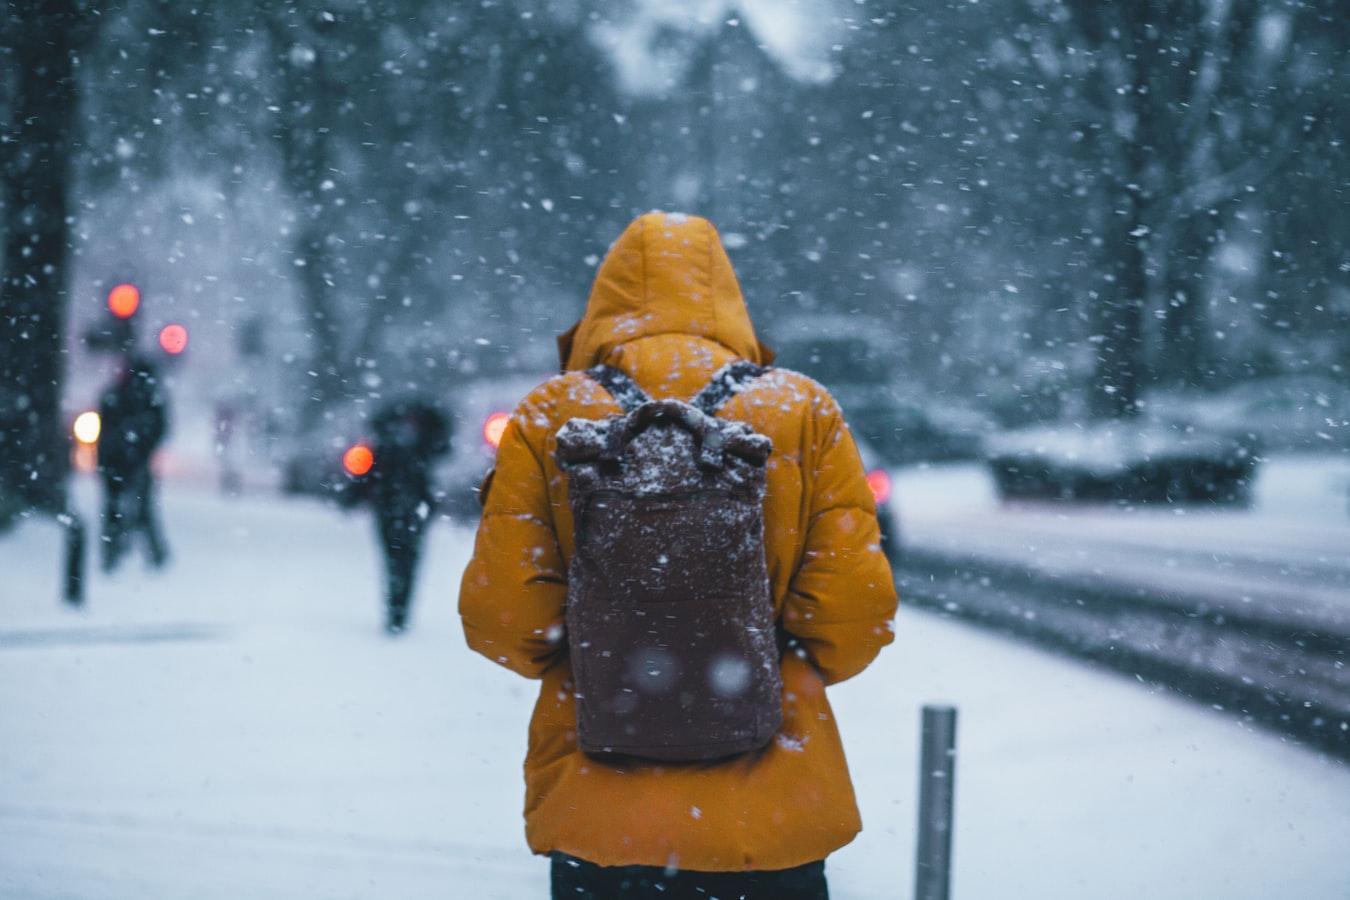 寒波の備え 水道管の凍結対策を 自治体情報を活用して、被災後の詐欺や高額請求も防ぐ